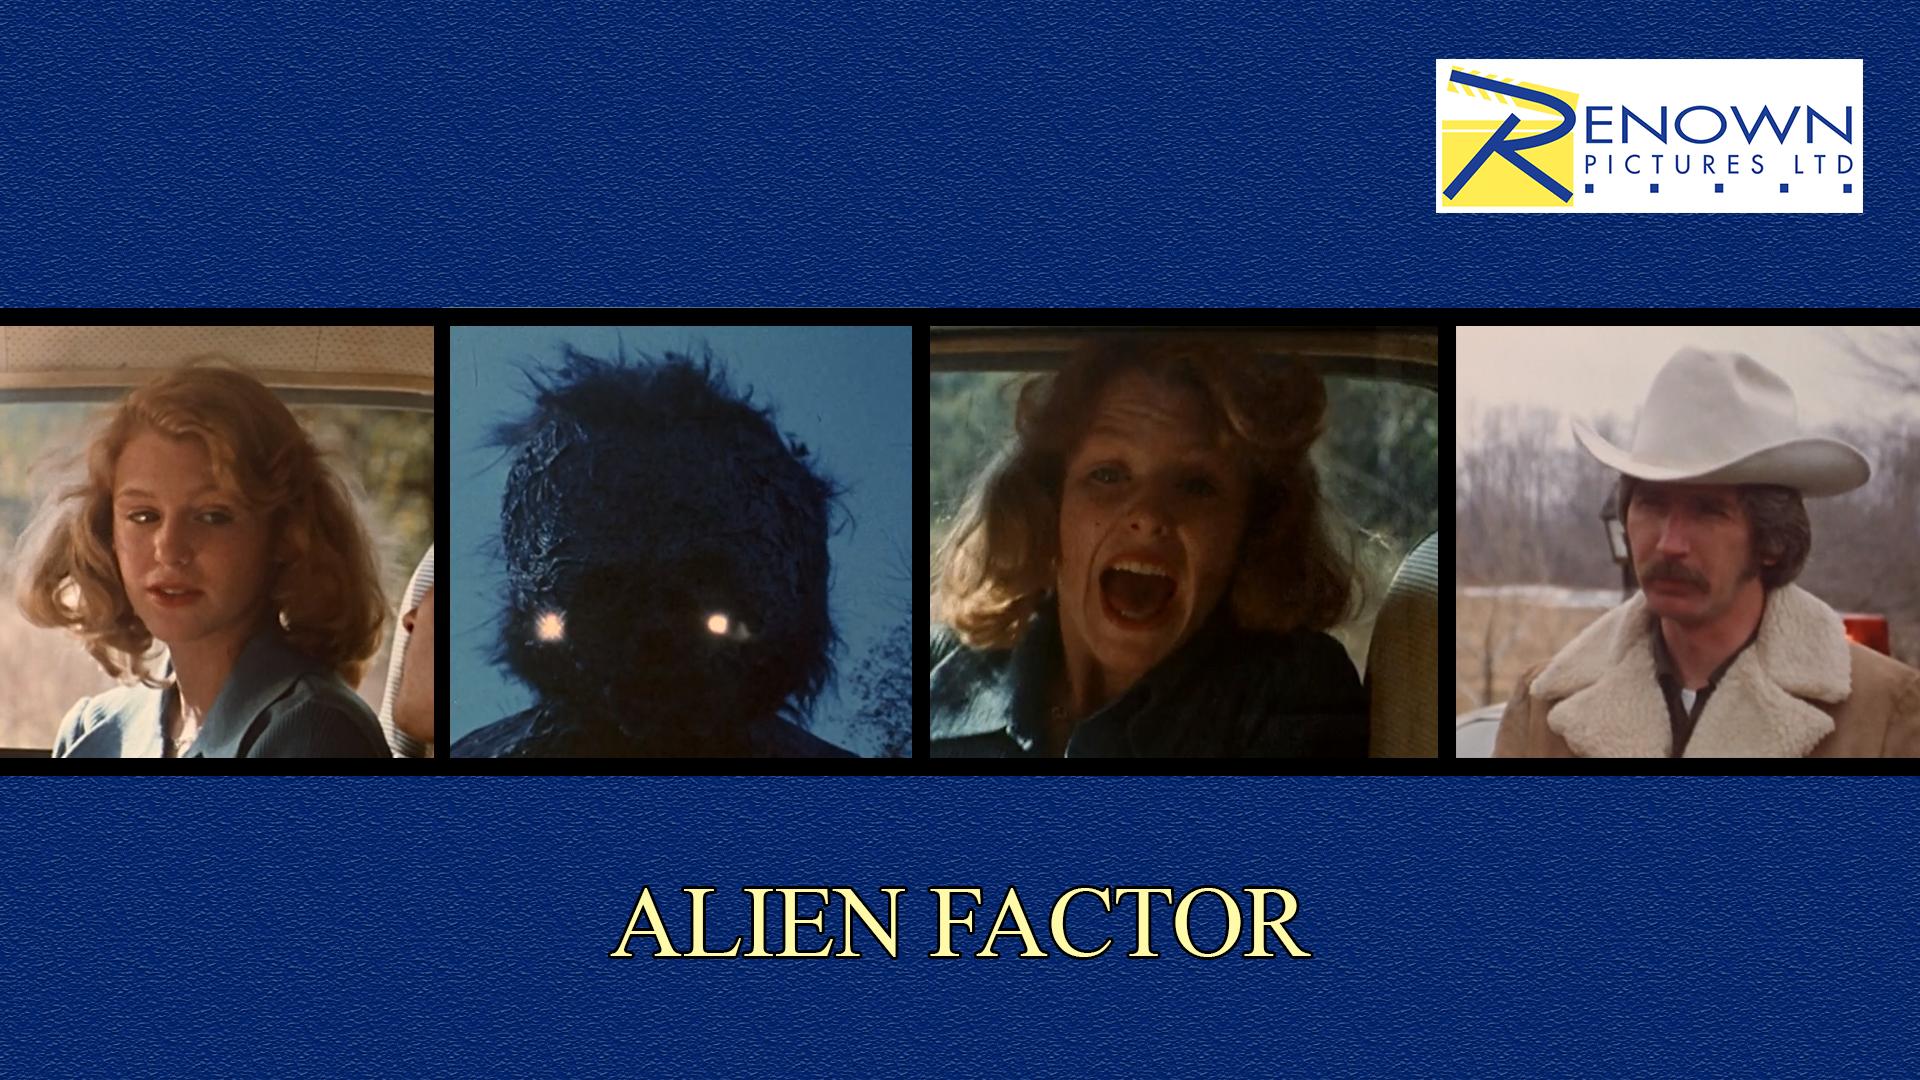 Alien Factor